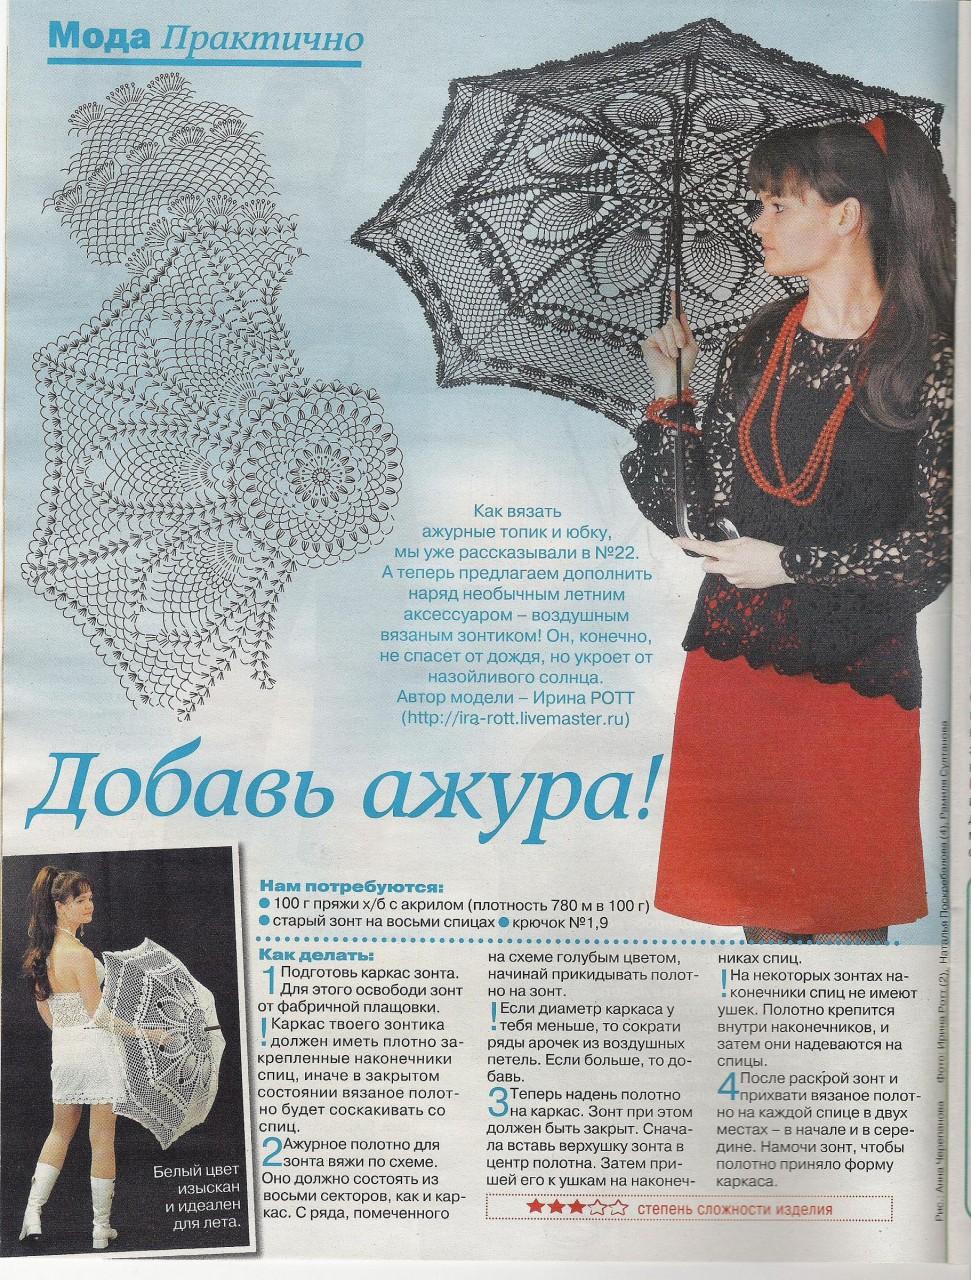 Вязаный зонтик описание и схема